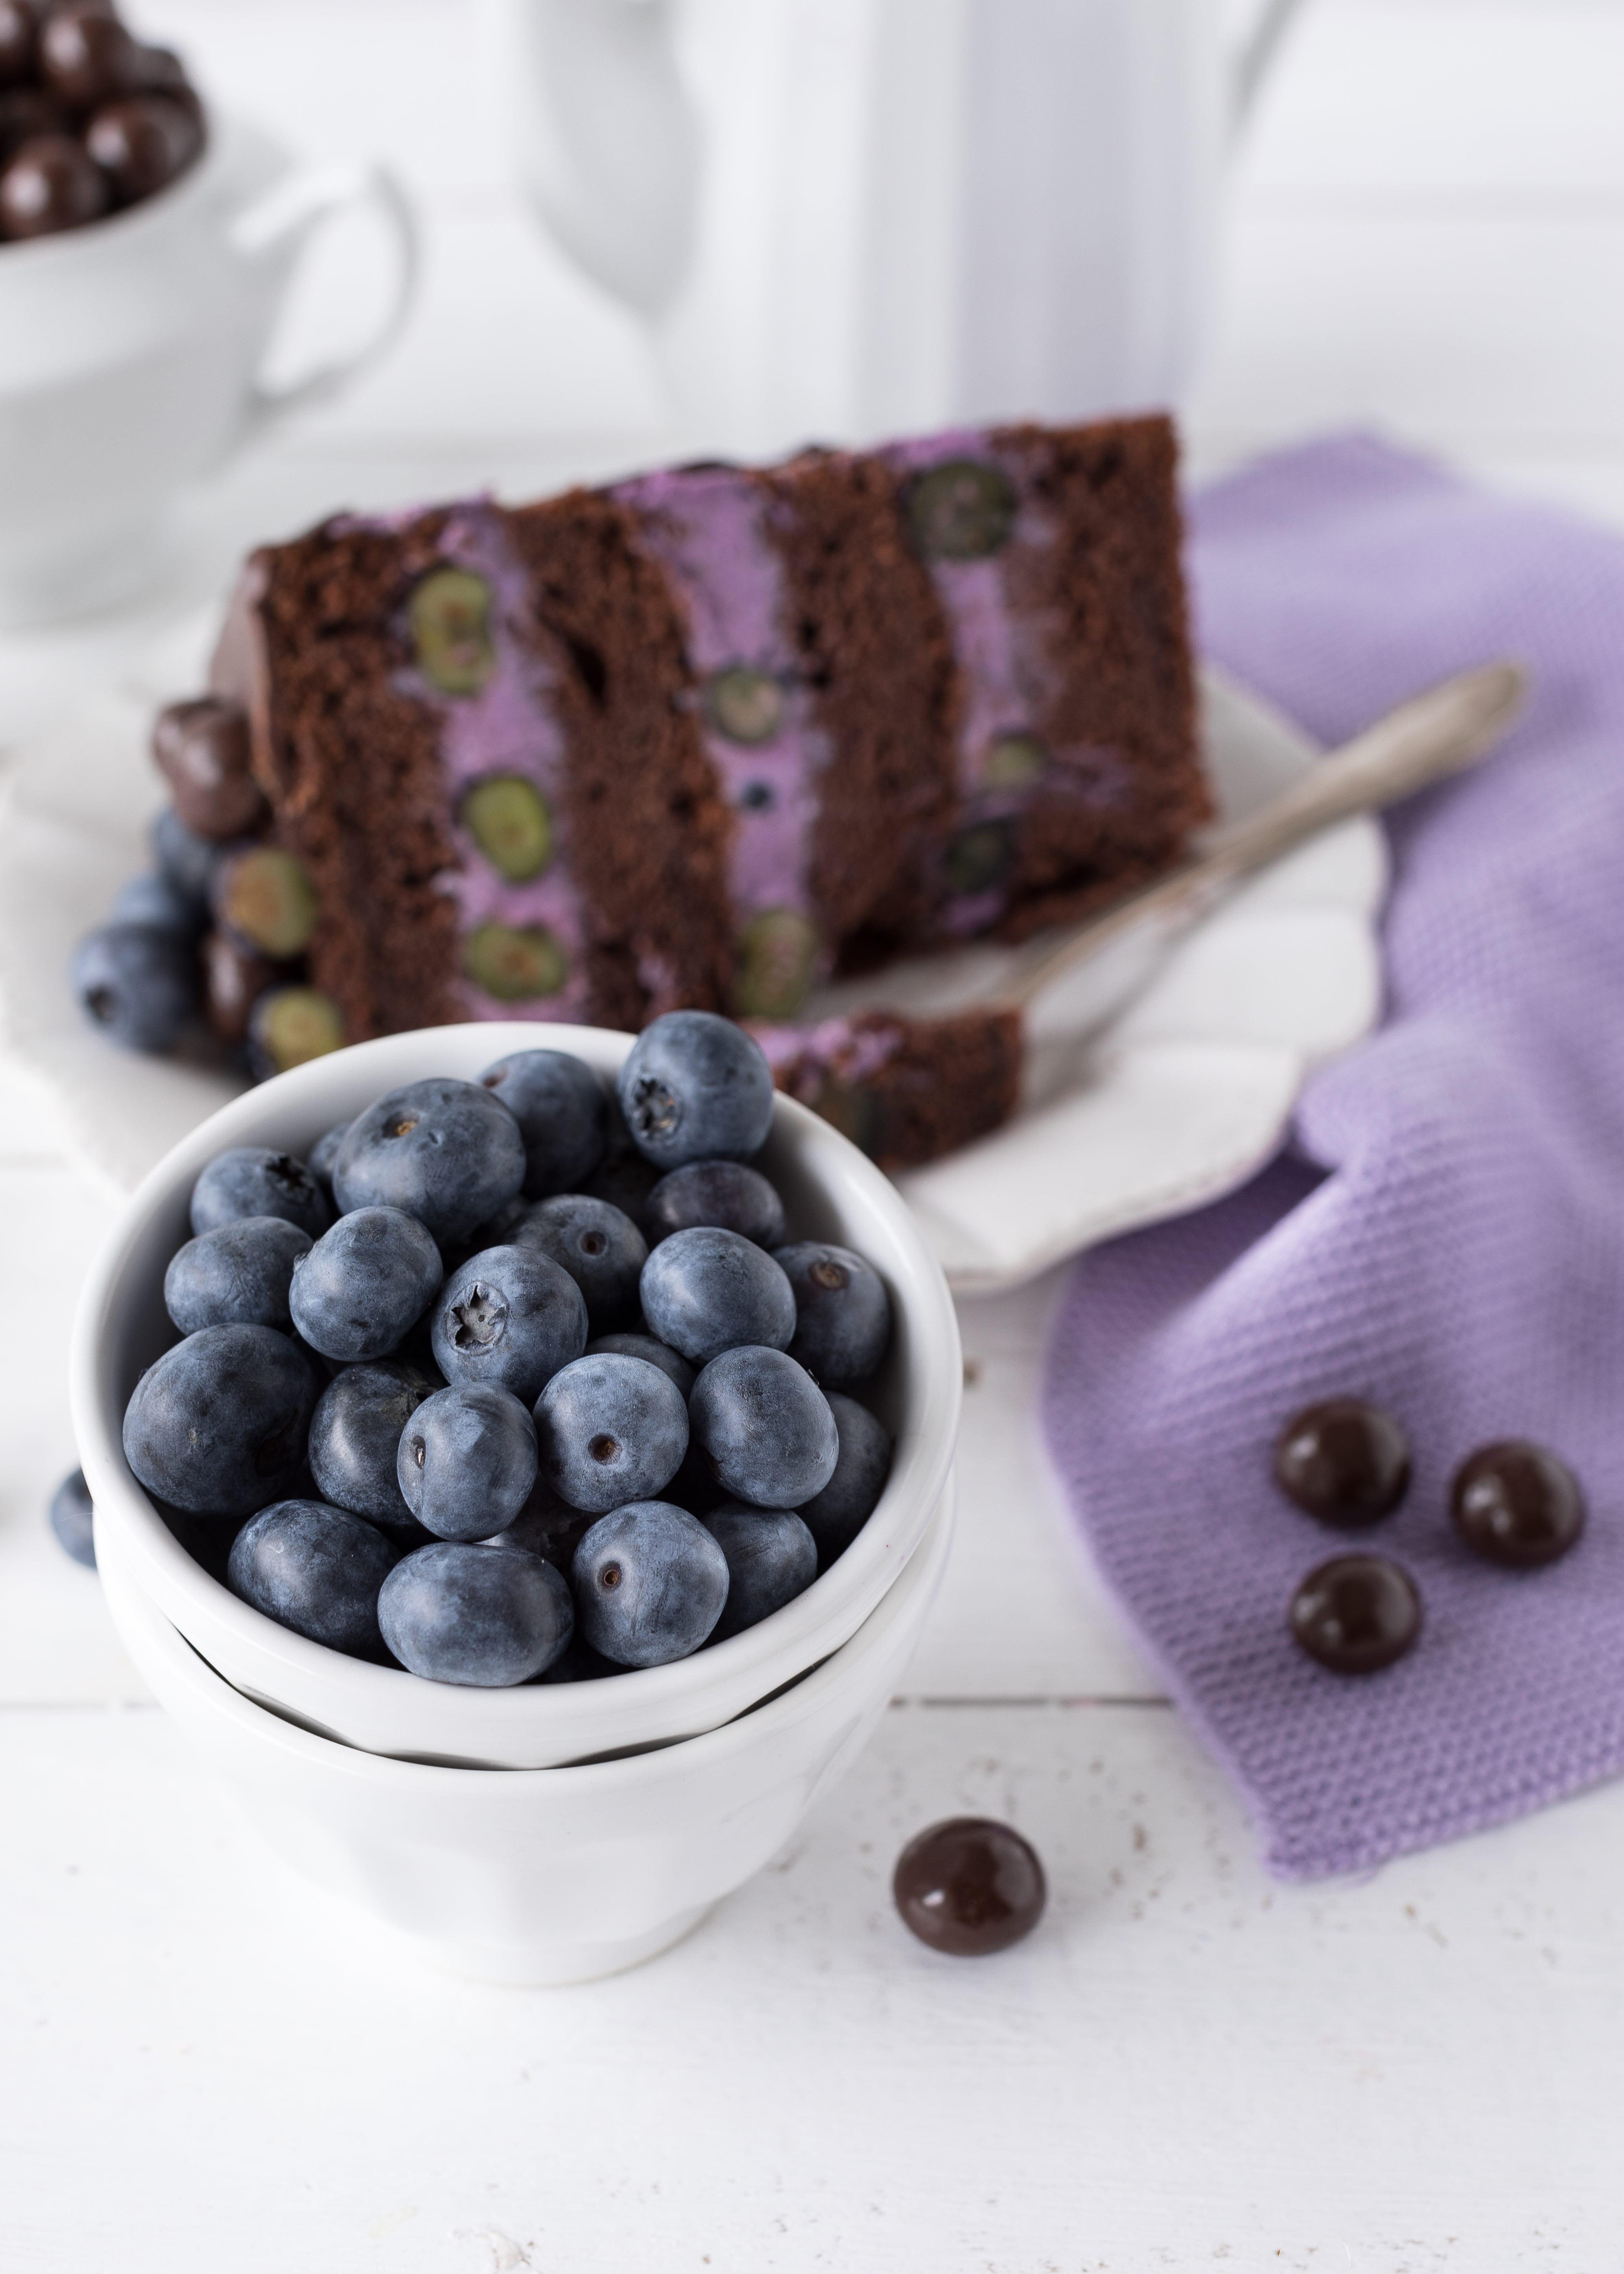 Blaubeer Schoko Layer Cake mit Schokoladen, Heidelbeeren und Schoko Drip backen Emmas Lieblingsstücke